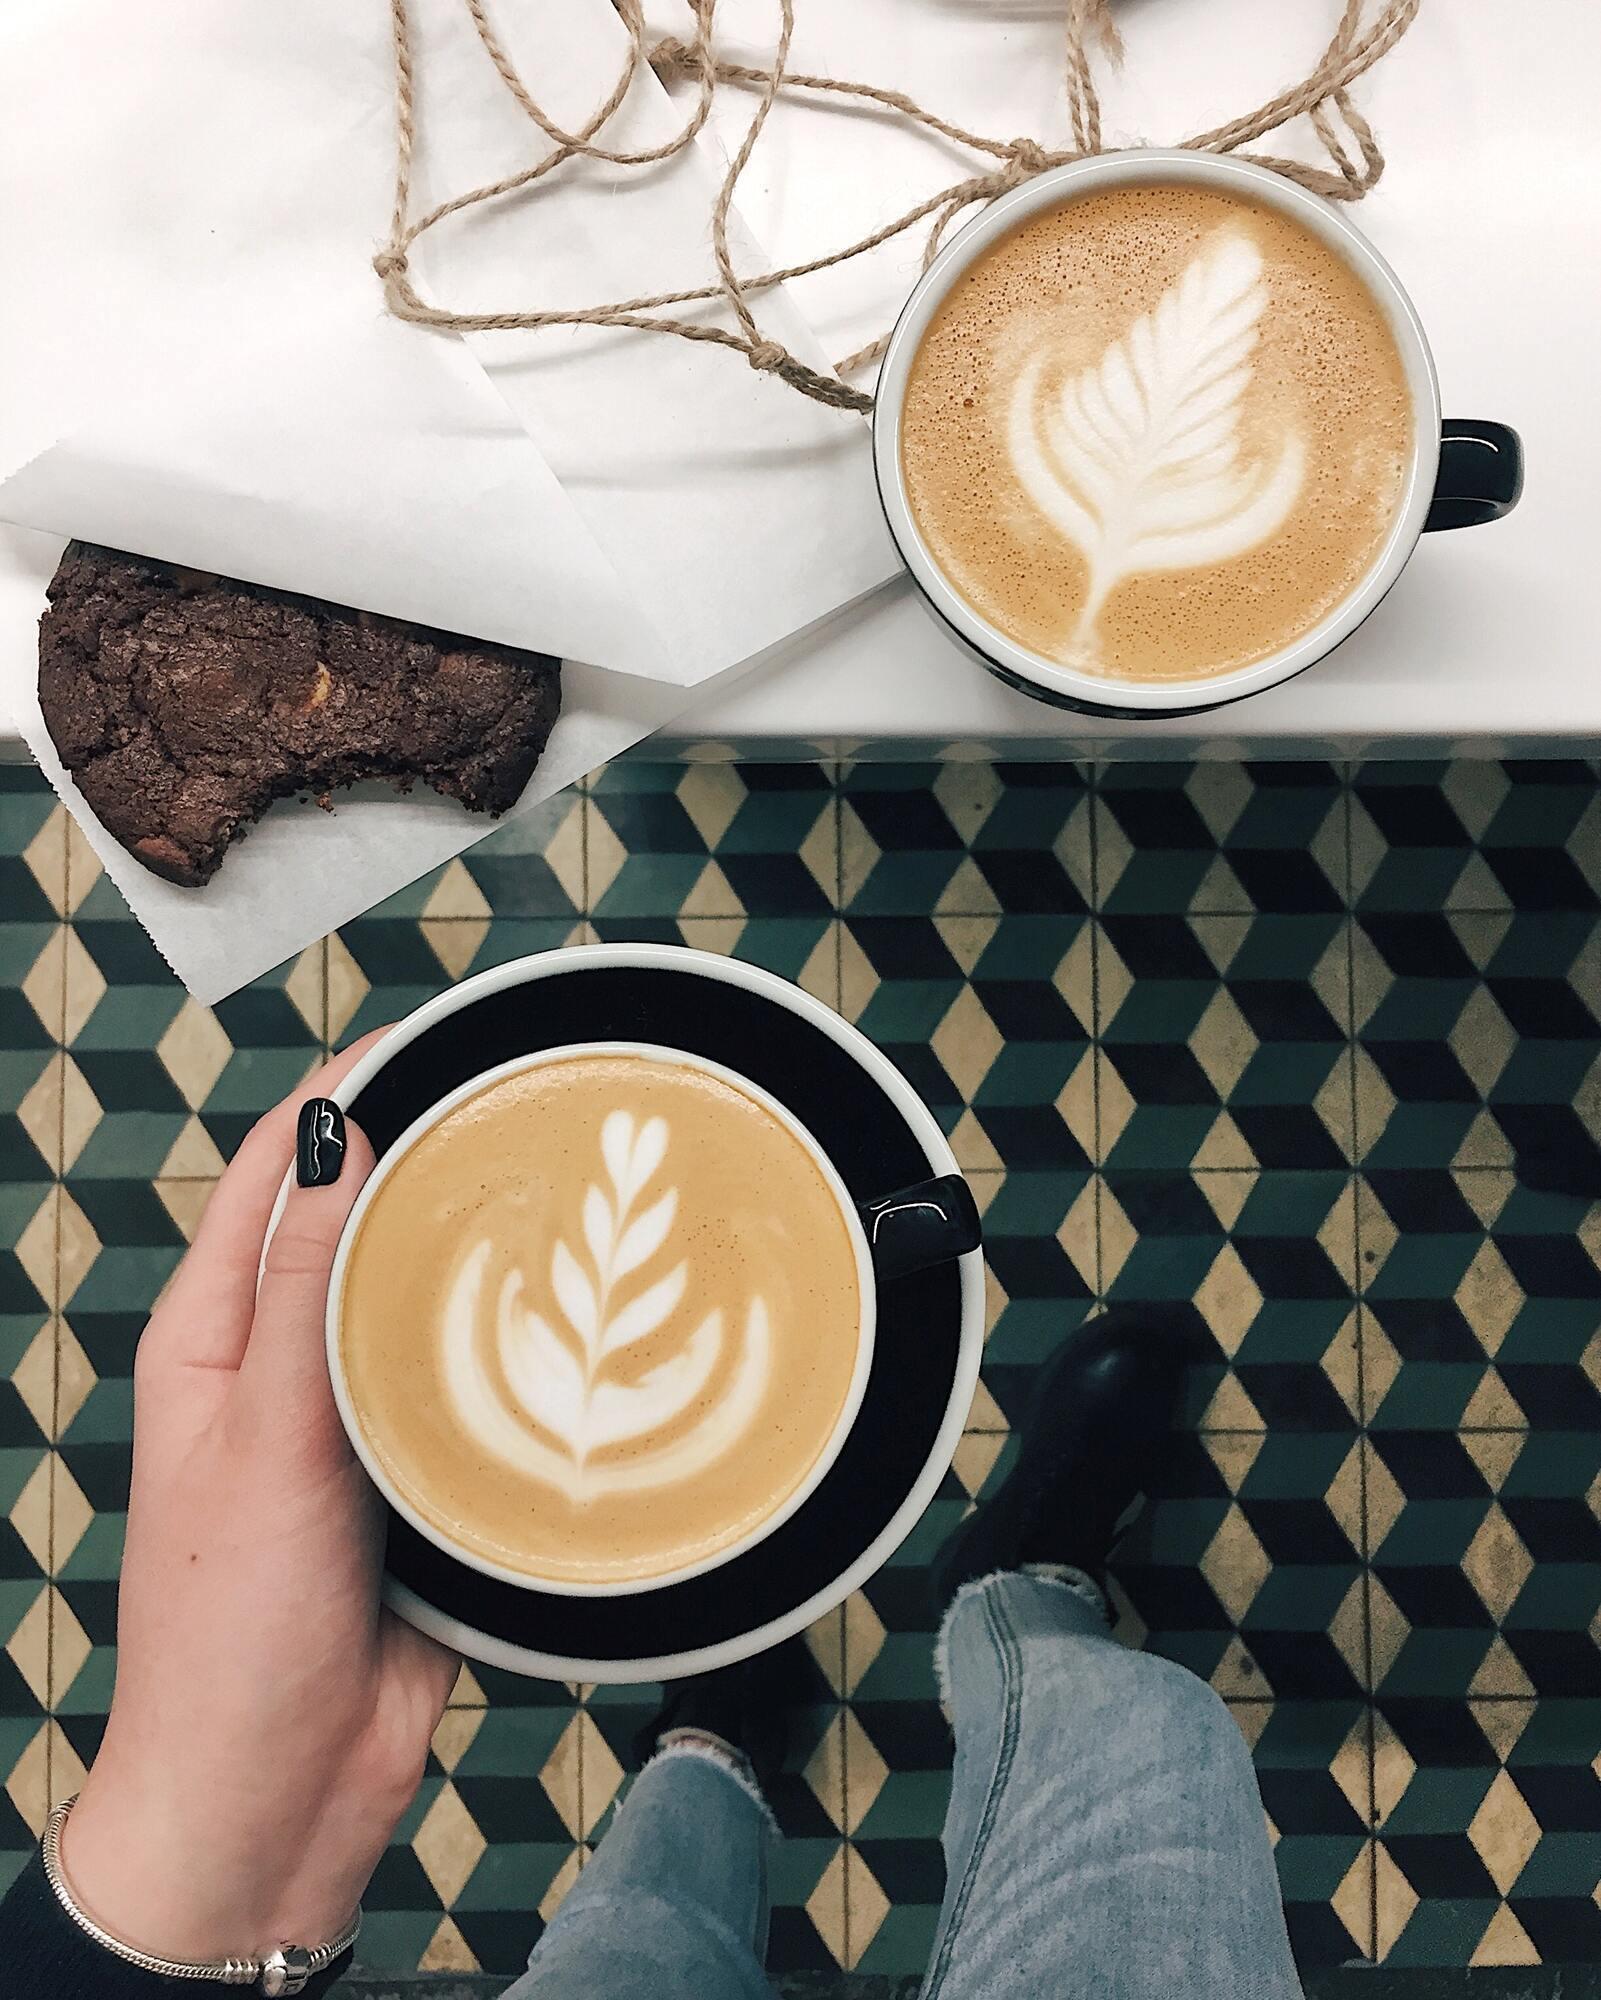 Кофе лучше пить после завтрака